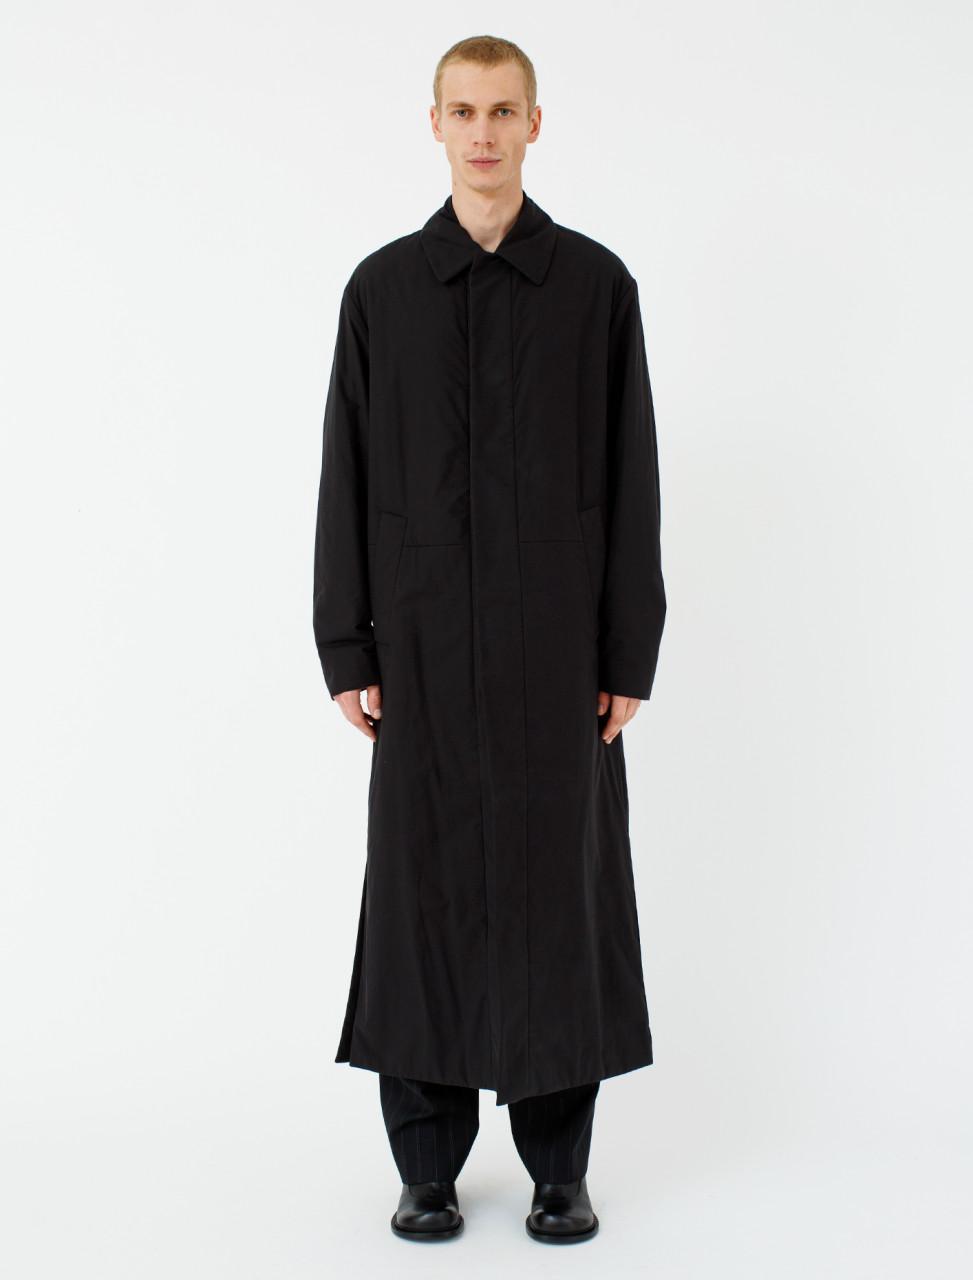 Rubar Long Coat